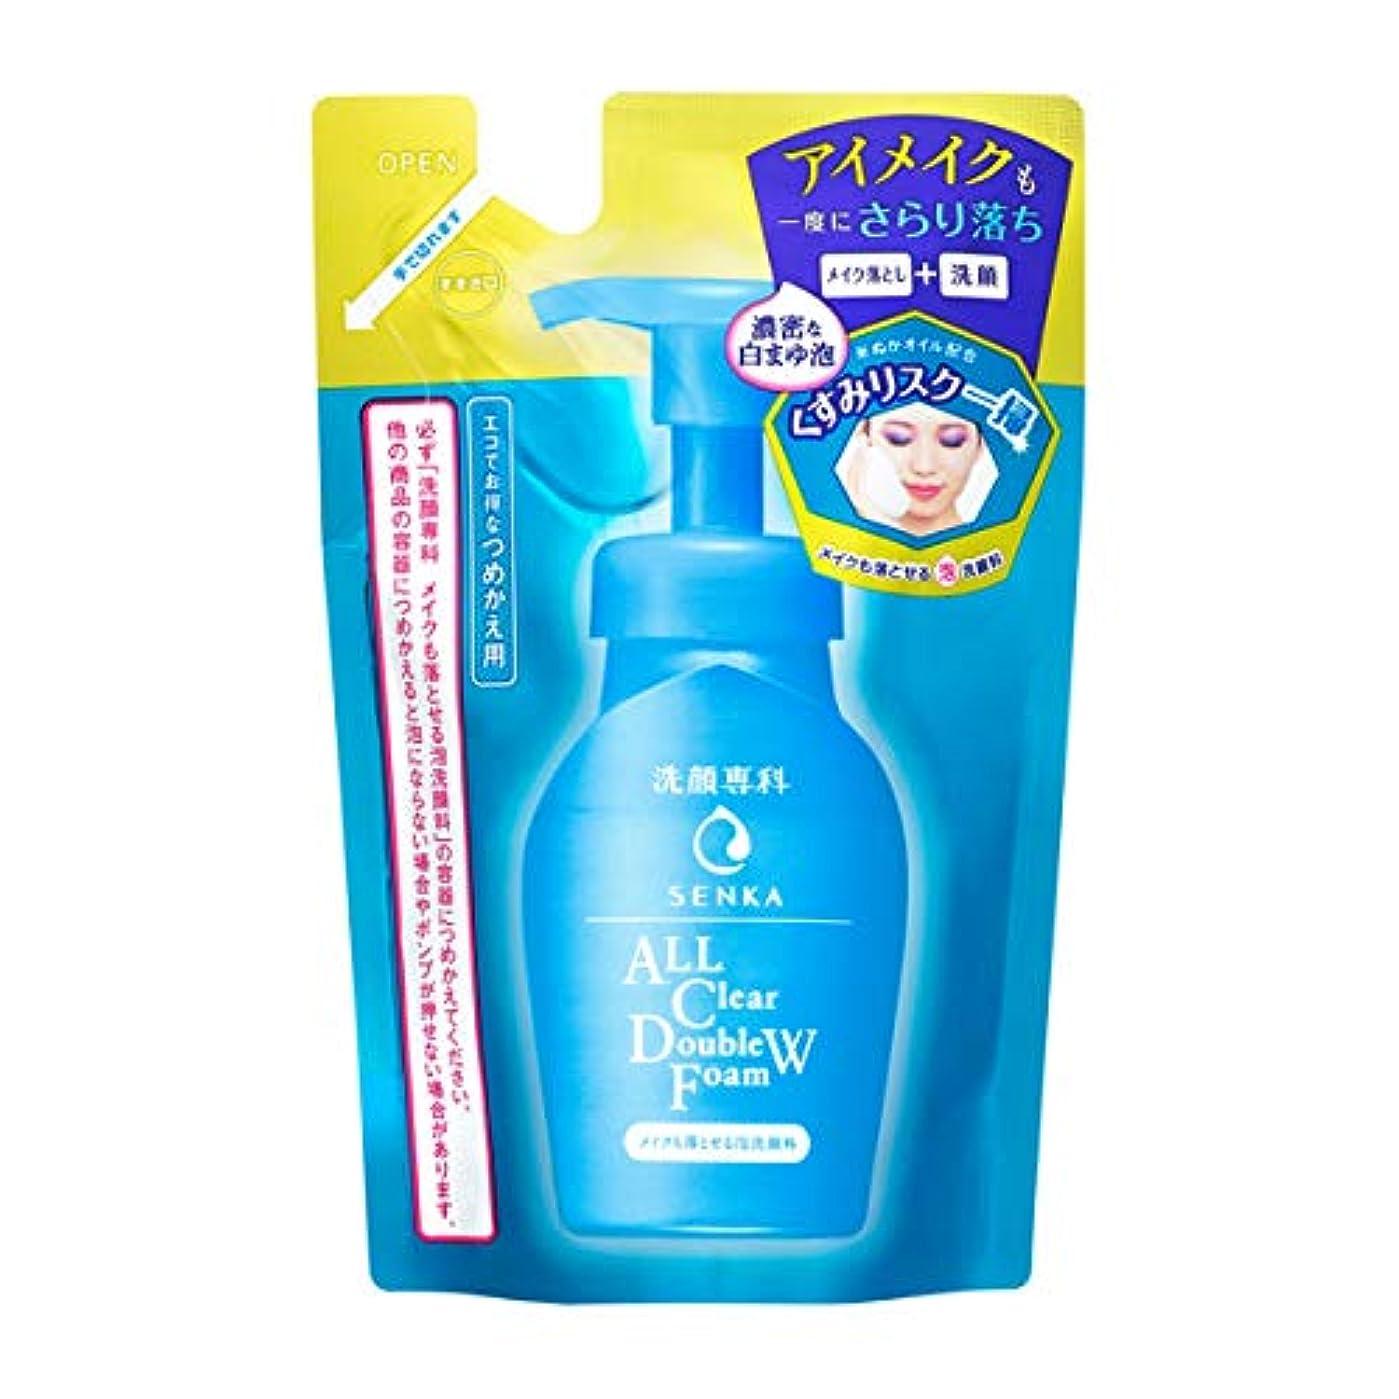 運ぶイブニングの洗顔専科 メイクも落とせる泡洗顔料 つめかえ用 130ml やさしく香るみずみずしいフローラルの香り